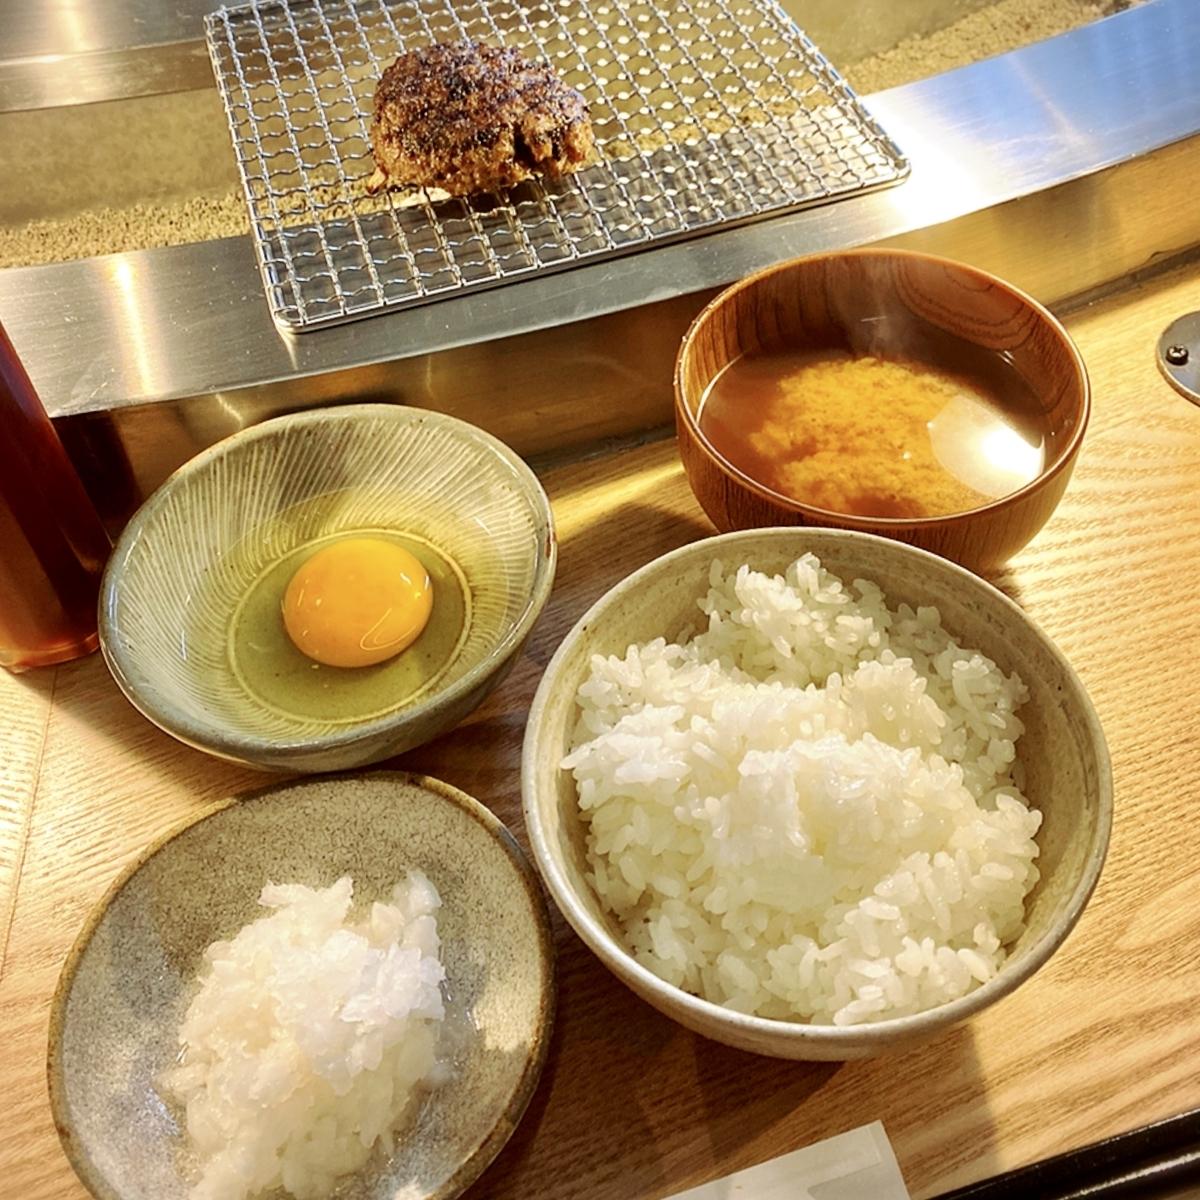 """「挽肉と米」でいただいた「挽肉と米」""""1300円(税込)"""